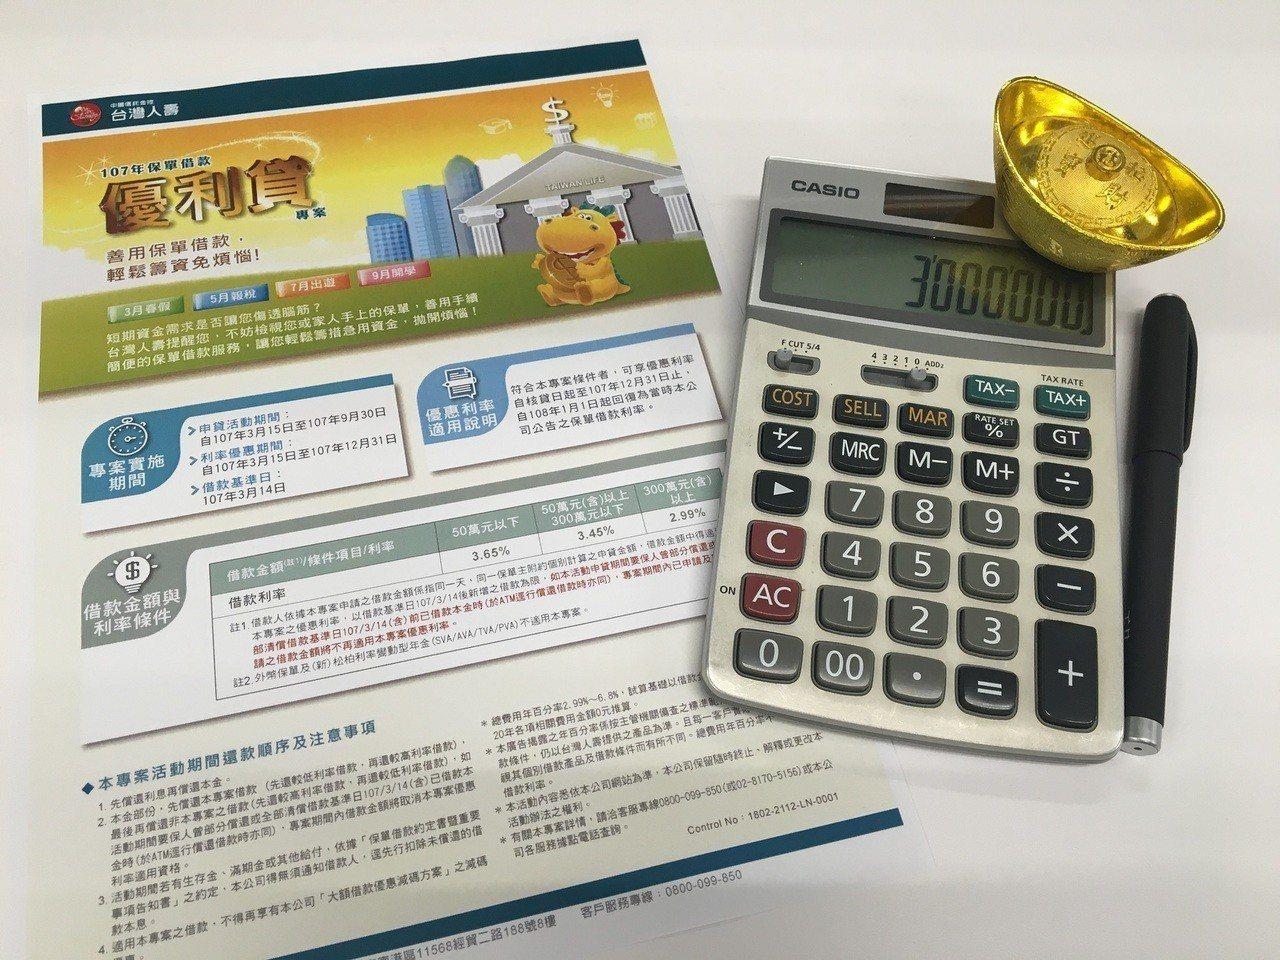 台灣人壽啟動優利貸保單借款專案,開放申請至9月底。台灣人壽/提供